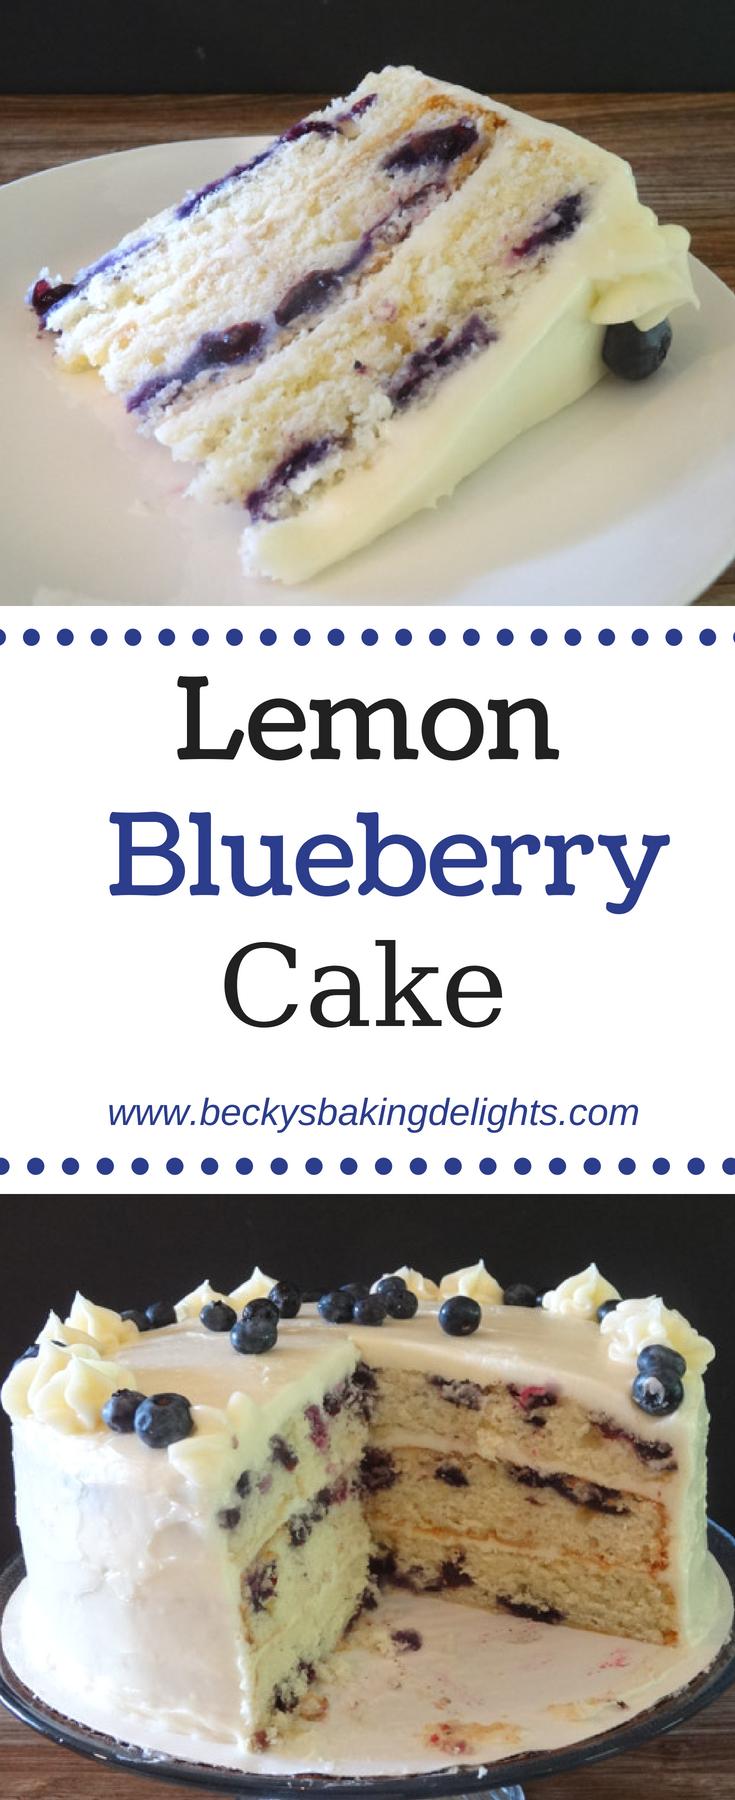 Lemon Blueberry Cake Recipe Blueberry Cake Recipes Blueberry Lemon Cake Food